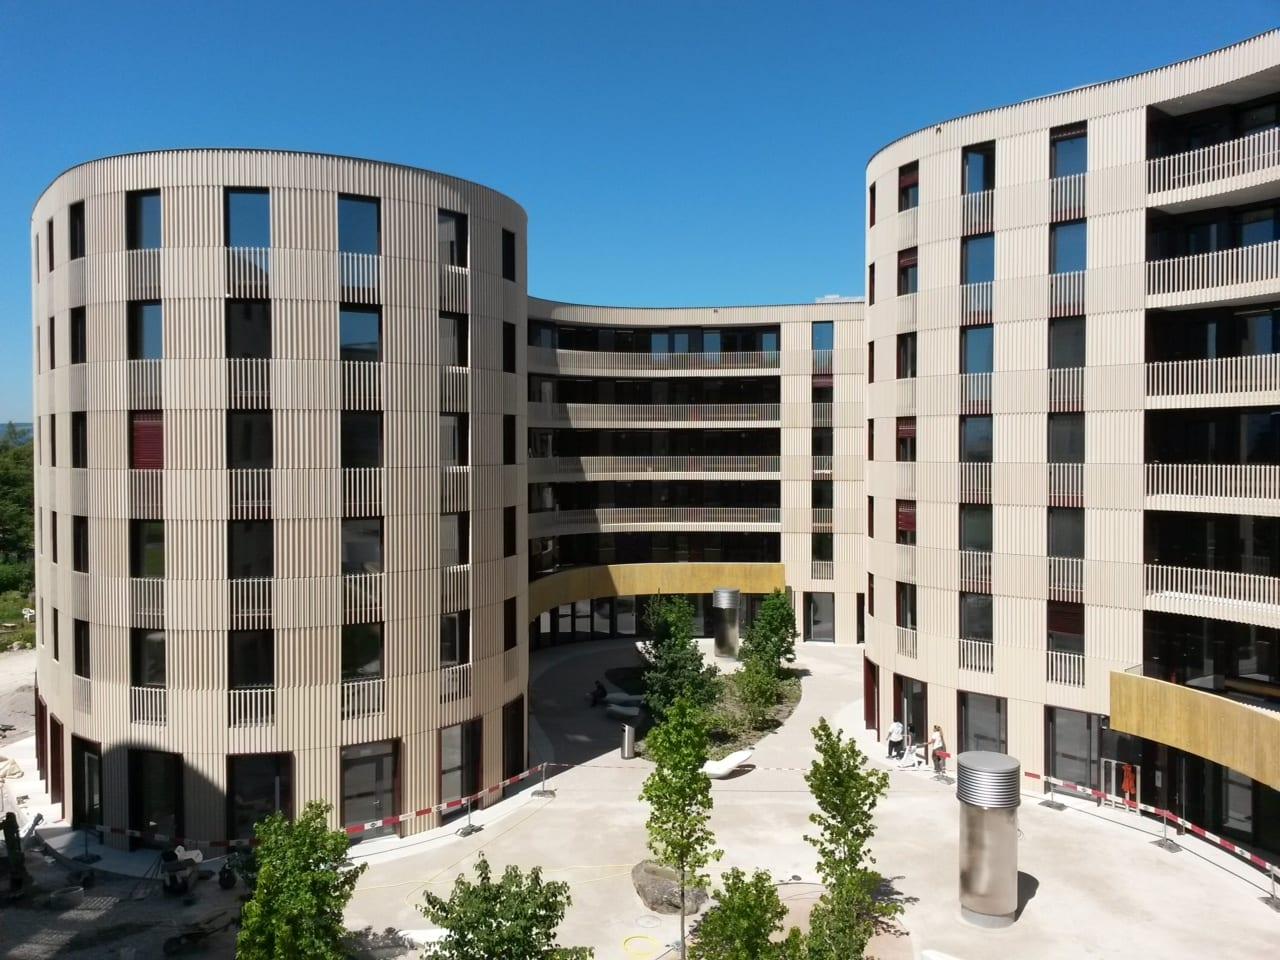 Innenarchitektur Eth Zürich holzbau fassaden in der science city der eth zürich